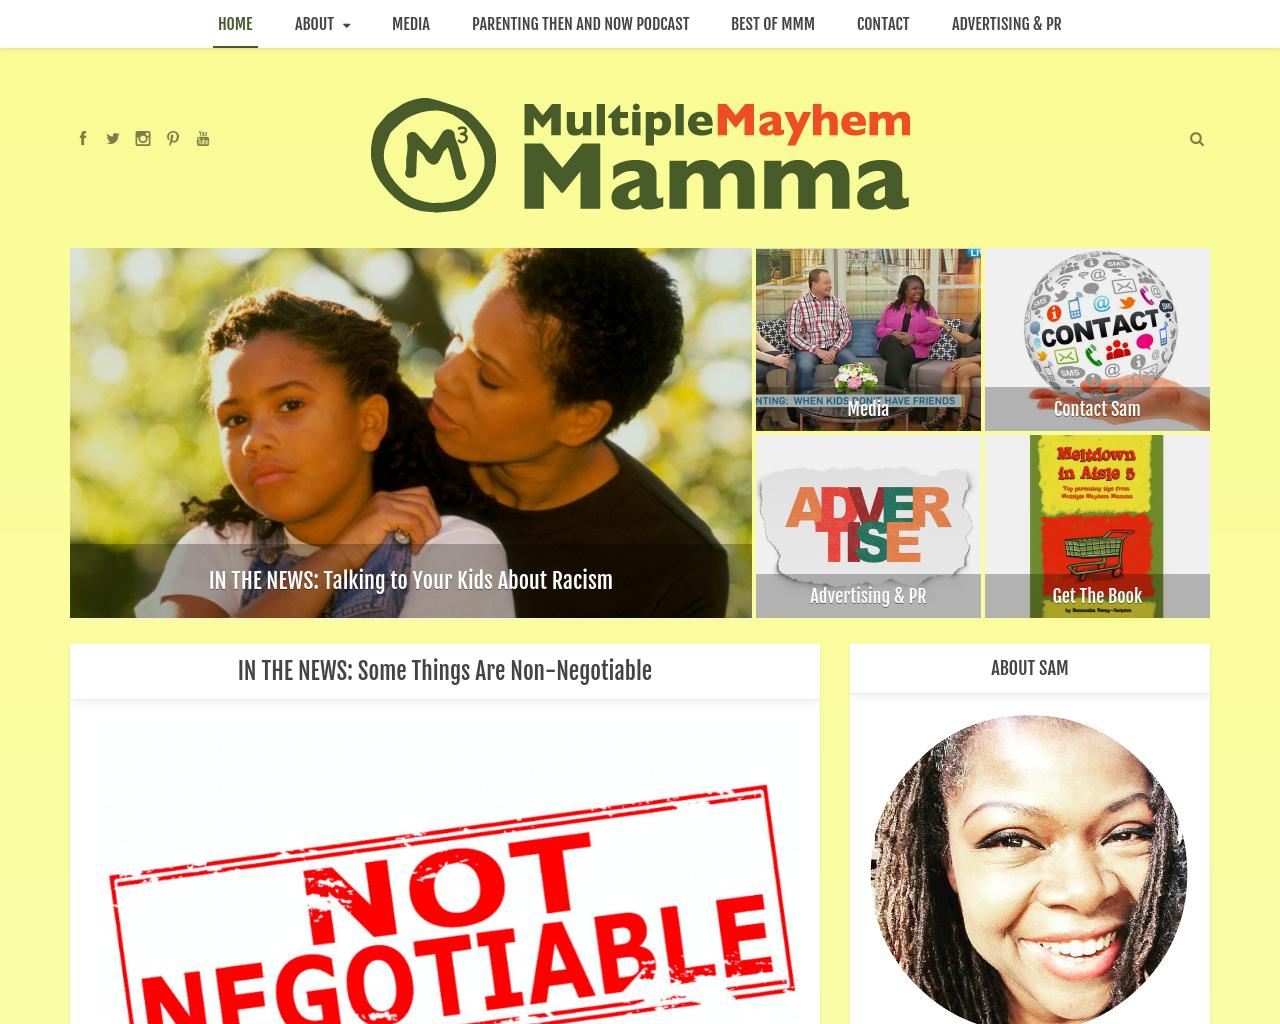 Multiple-Mayhem-Mamma-Advertising-Reviews-Pricing